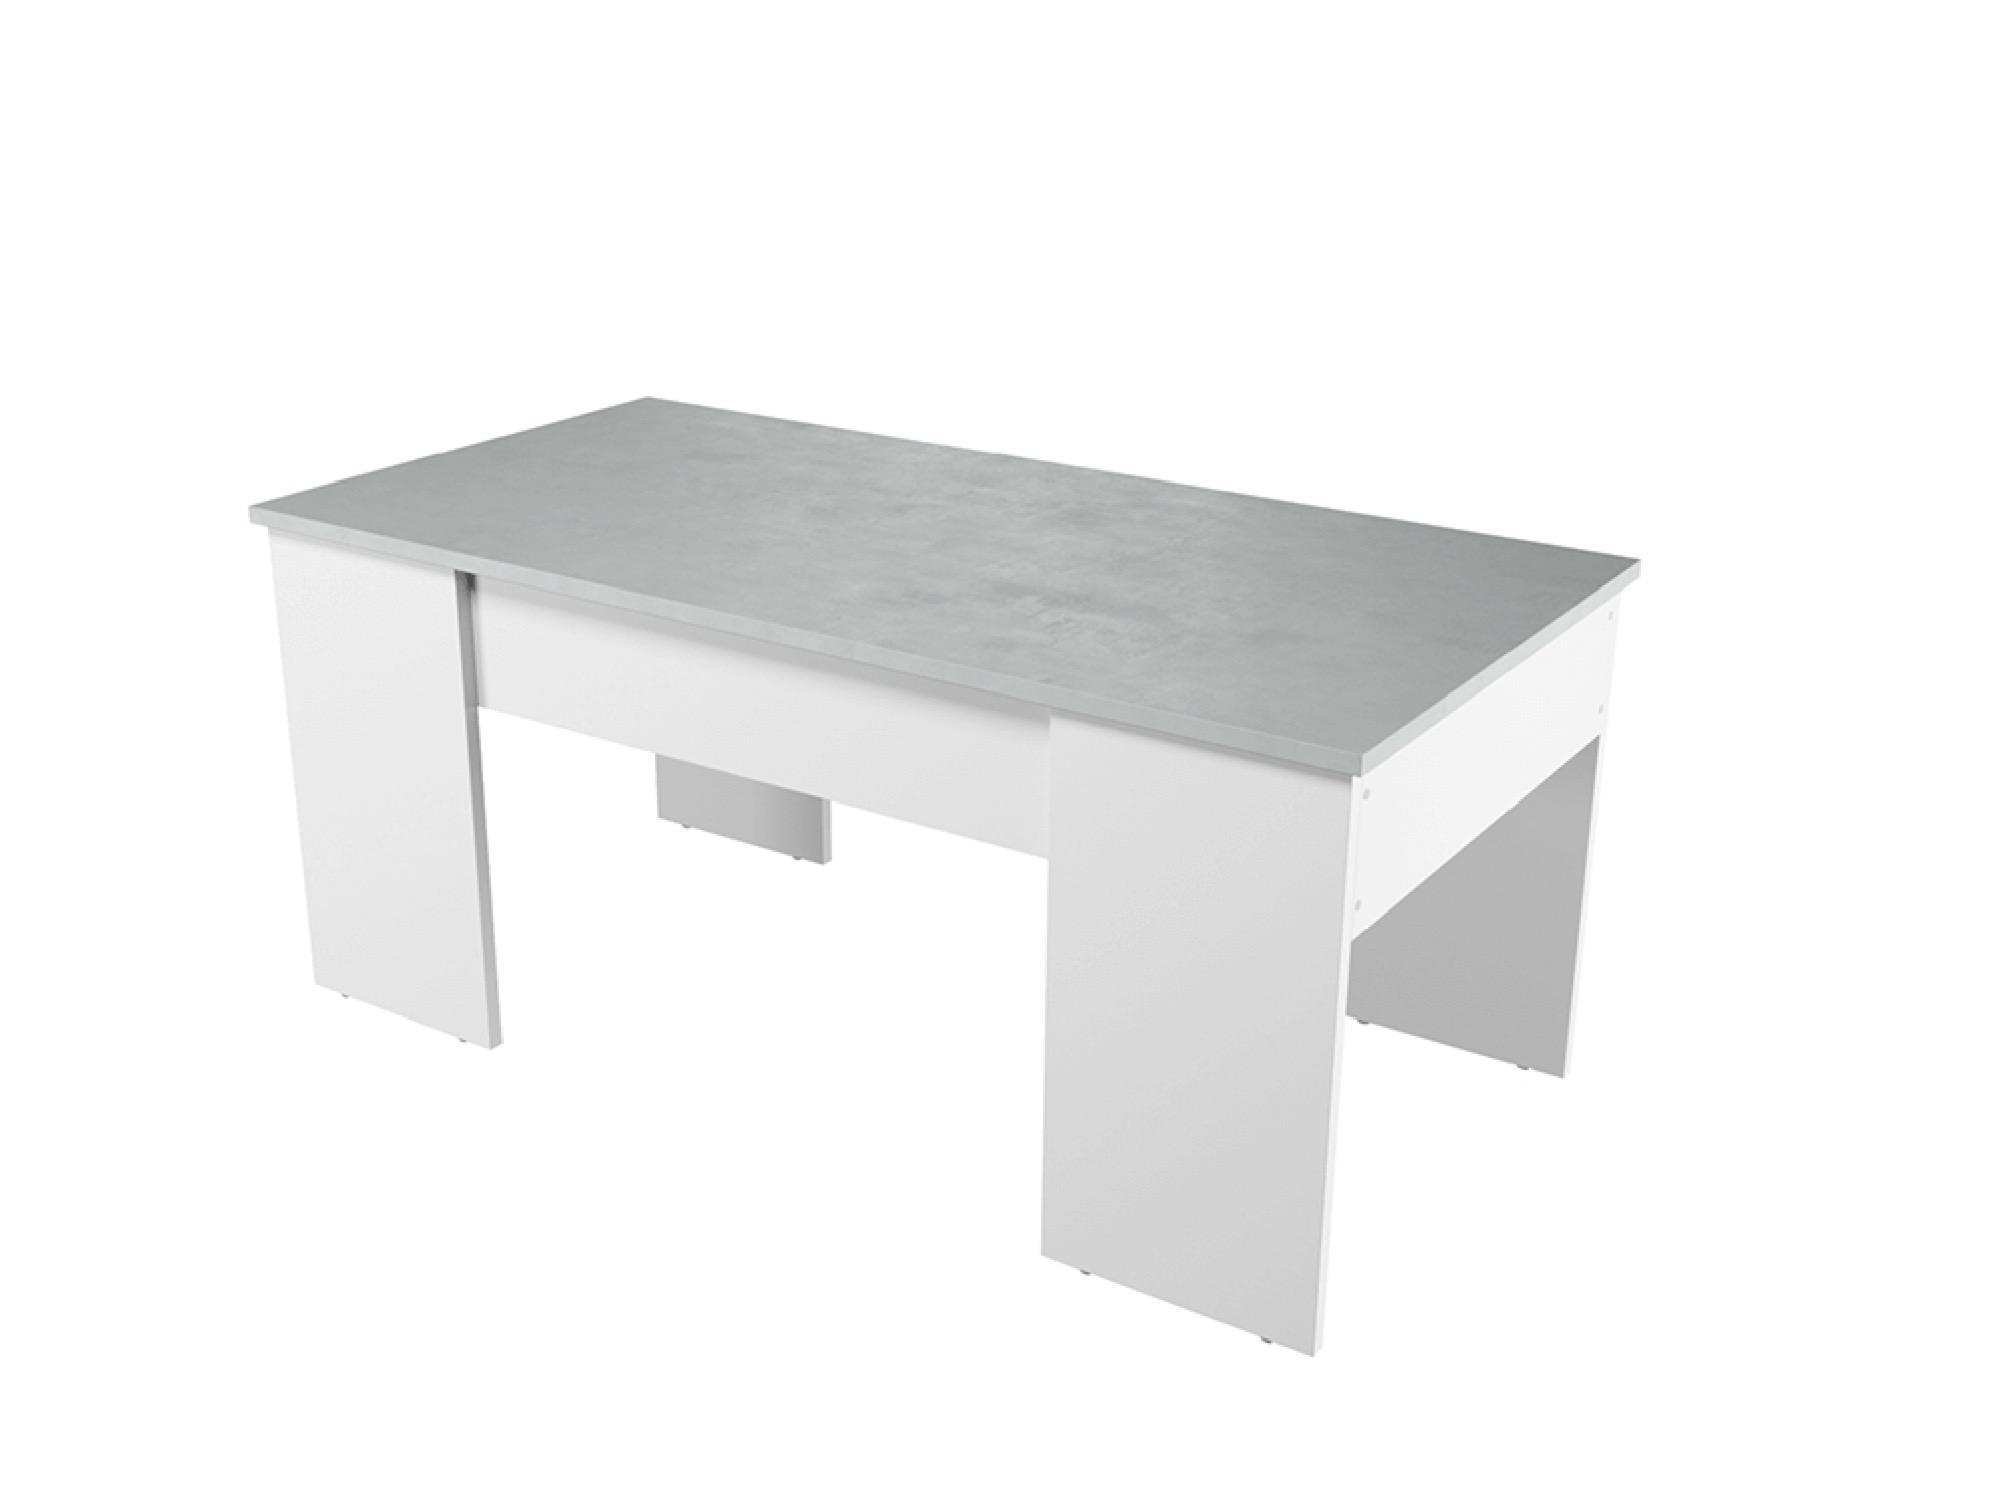 Table basse avec plateau relevable blanc/béton